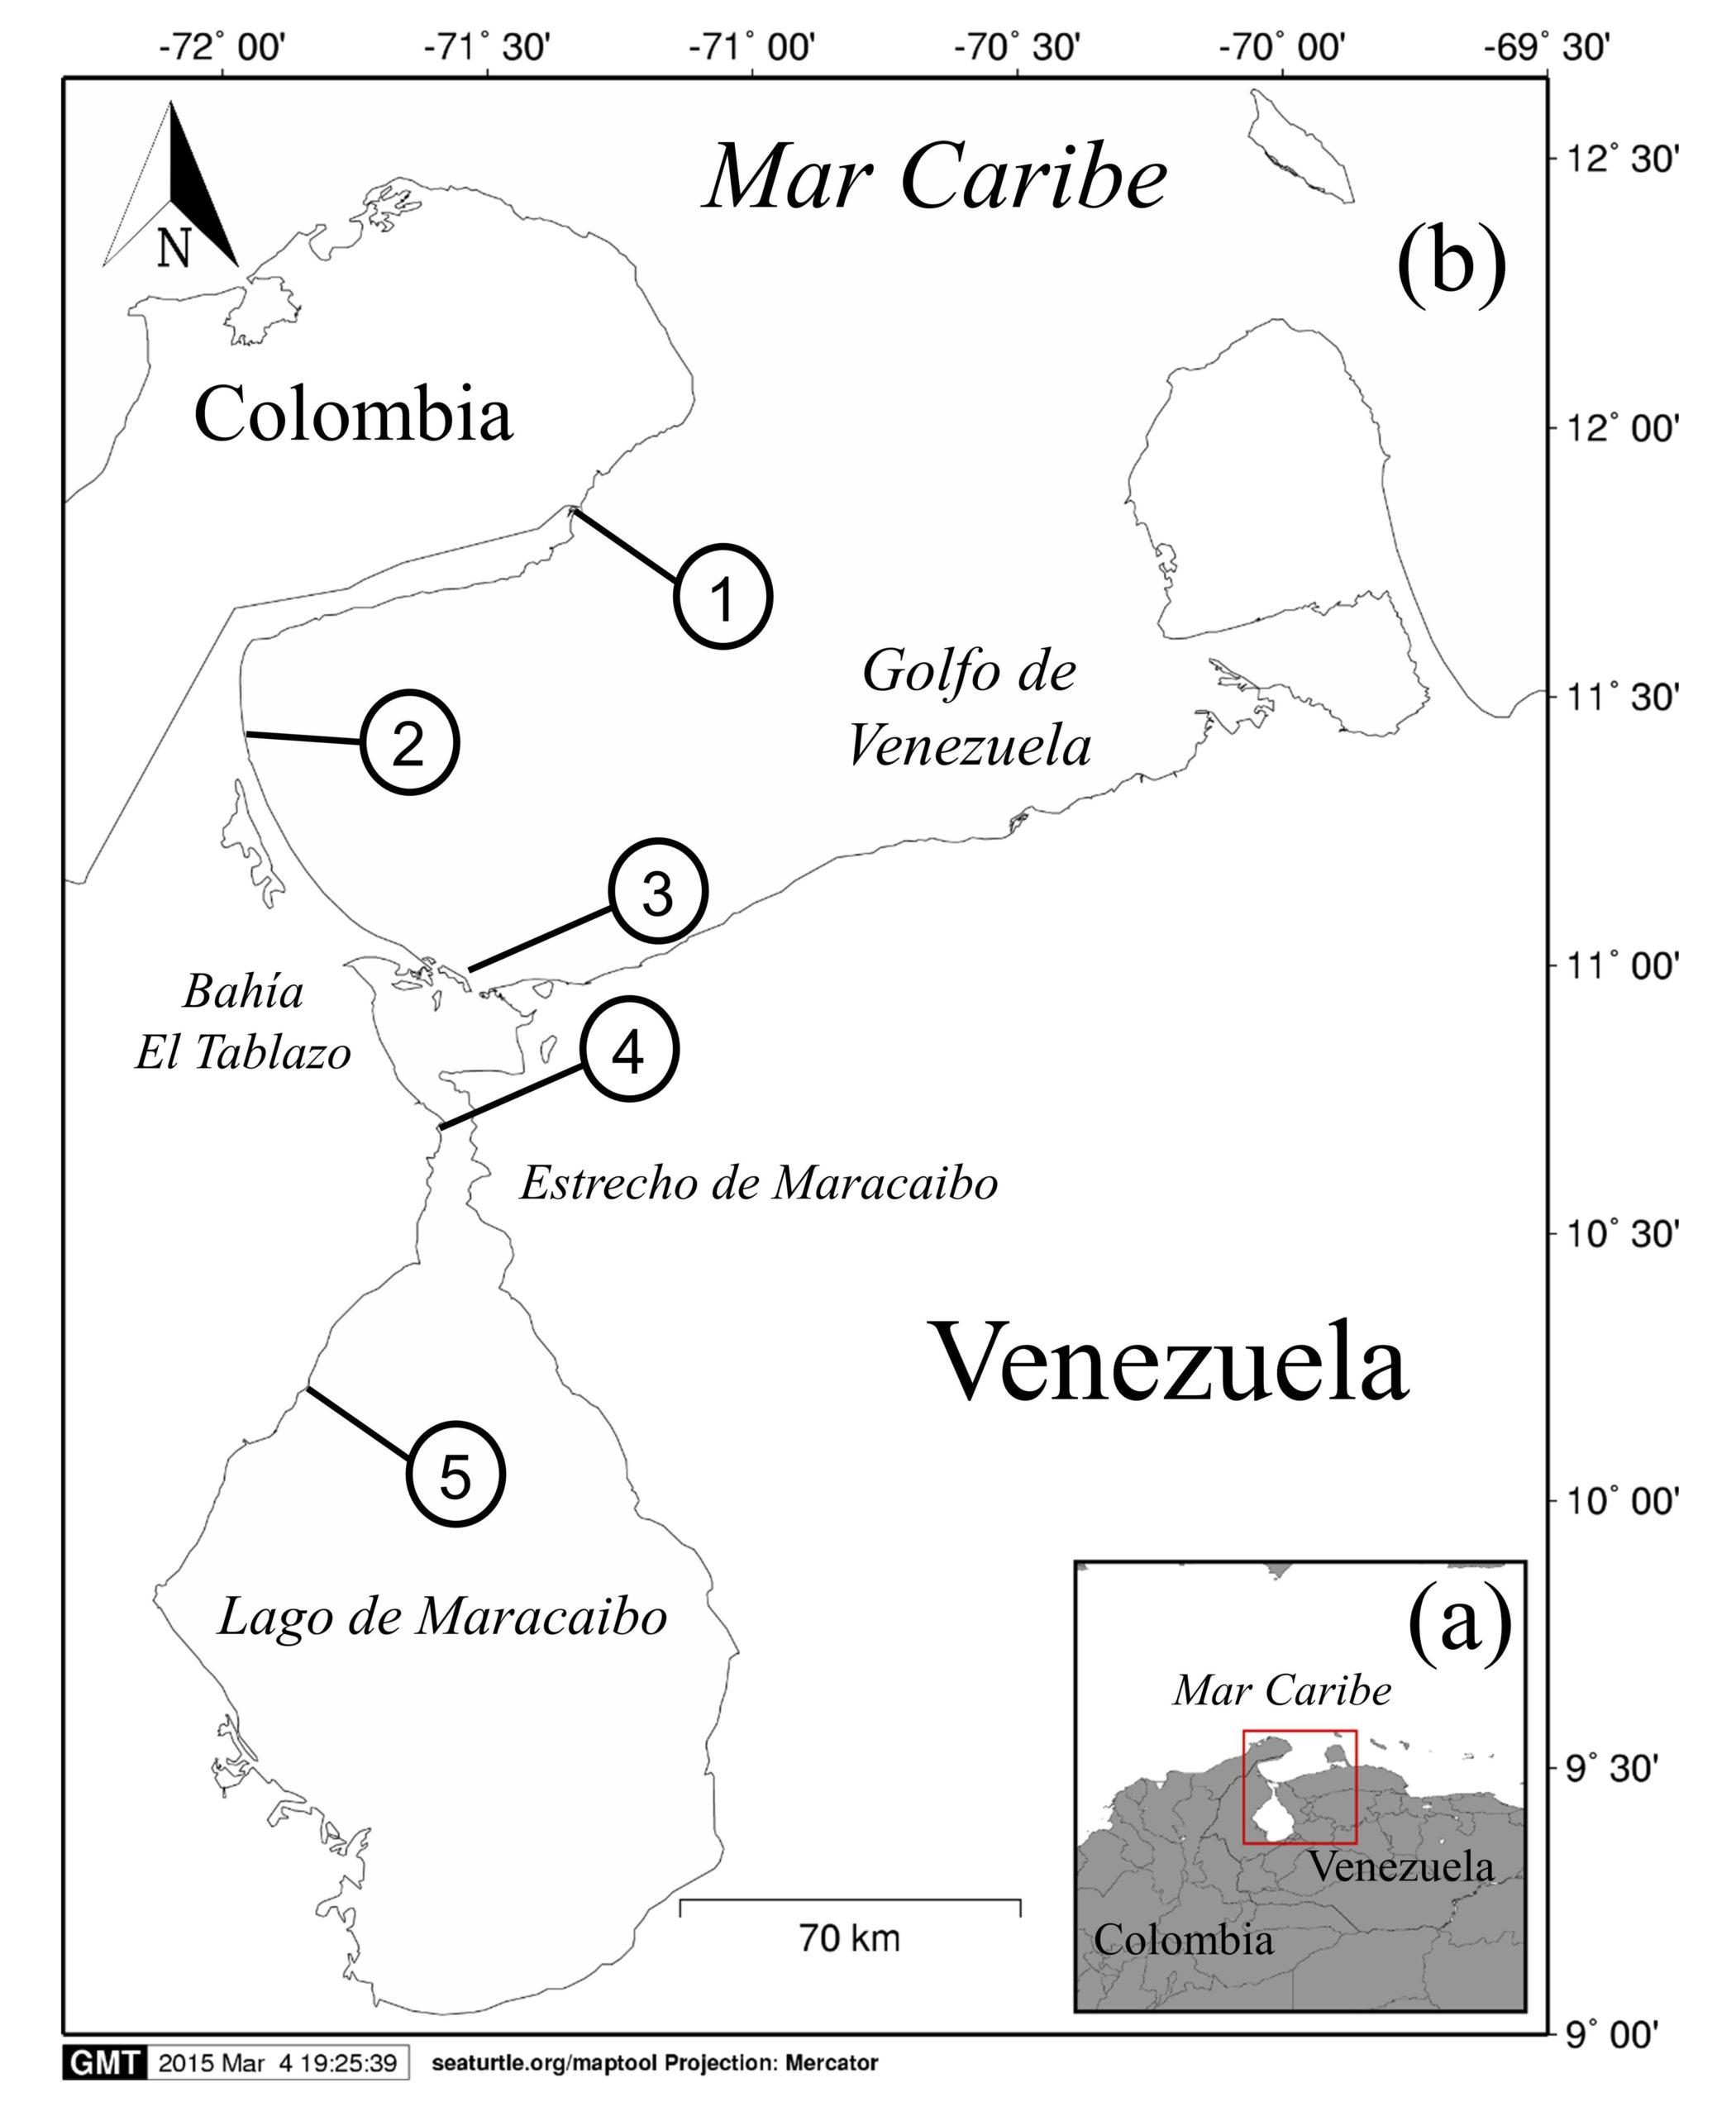 Sistema del Lago de Maracaibo. (a) Ubicación geográfica del sistema. (b) Ubicación relativa de los puertos pesqueros monitoreados dentro del Sistema del Lago de Maracaibo con presencia verificada del camarón tigre. Números en mapa (b) corresponden a los puestos: (1) Laguna de Cocinetas, Castilletes; (2) Caño Sagua; (3) Isla Zapara; (4) Santa Rosa de Agua; (5) Curarire. Publicado en Ecotrópicos, diciembre 2020.